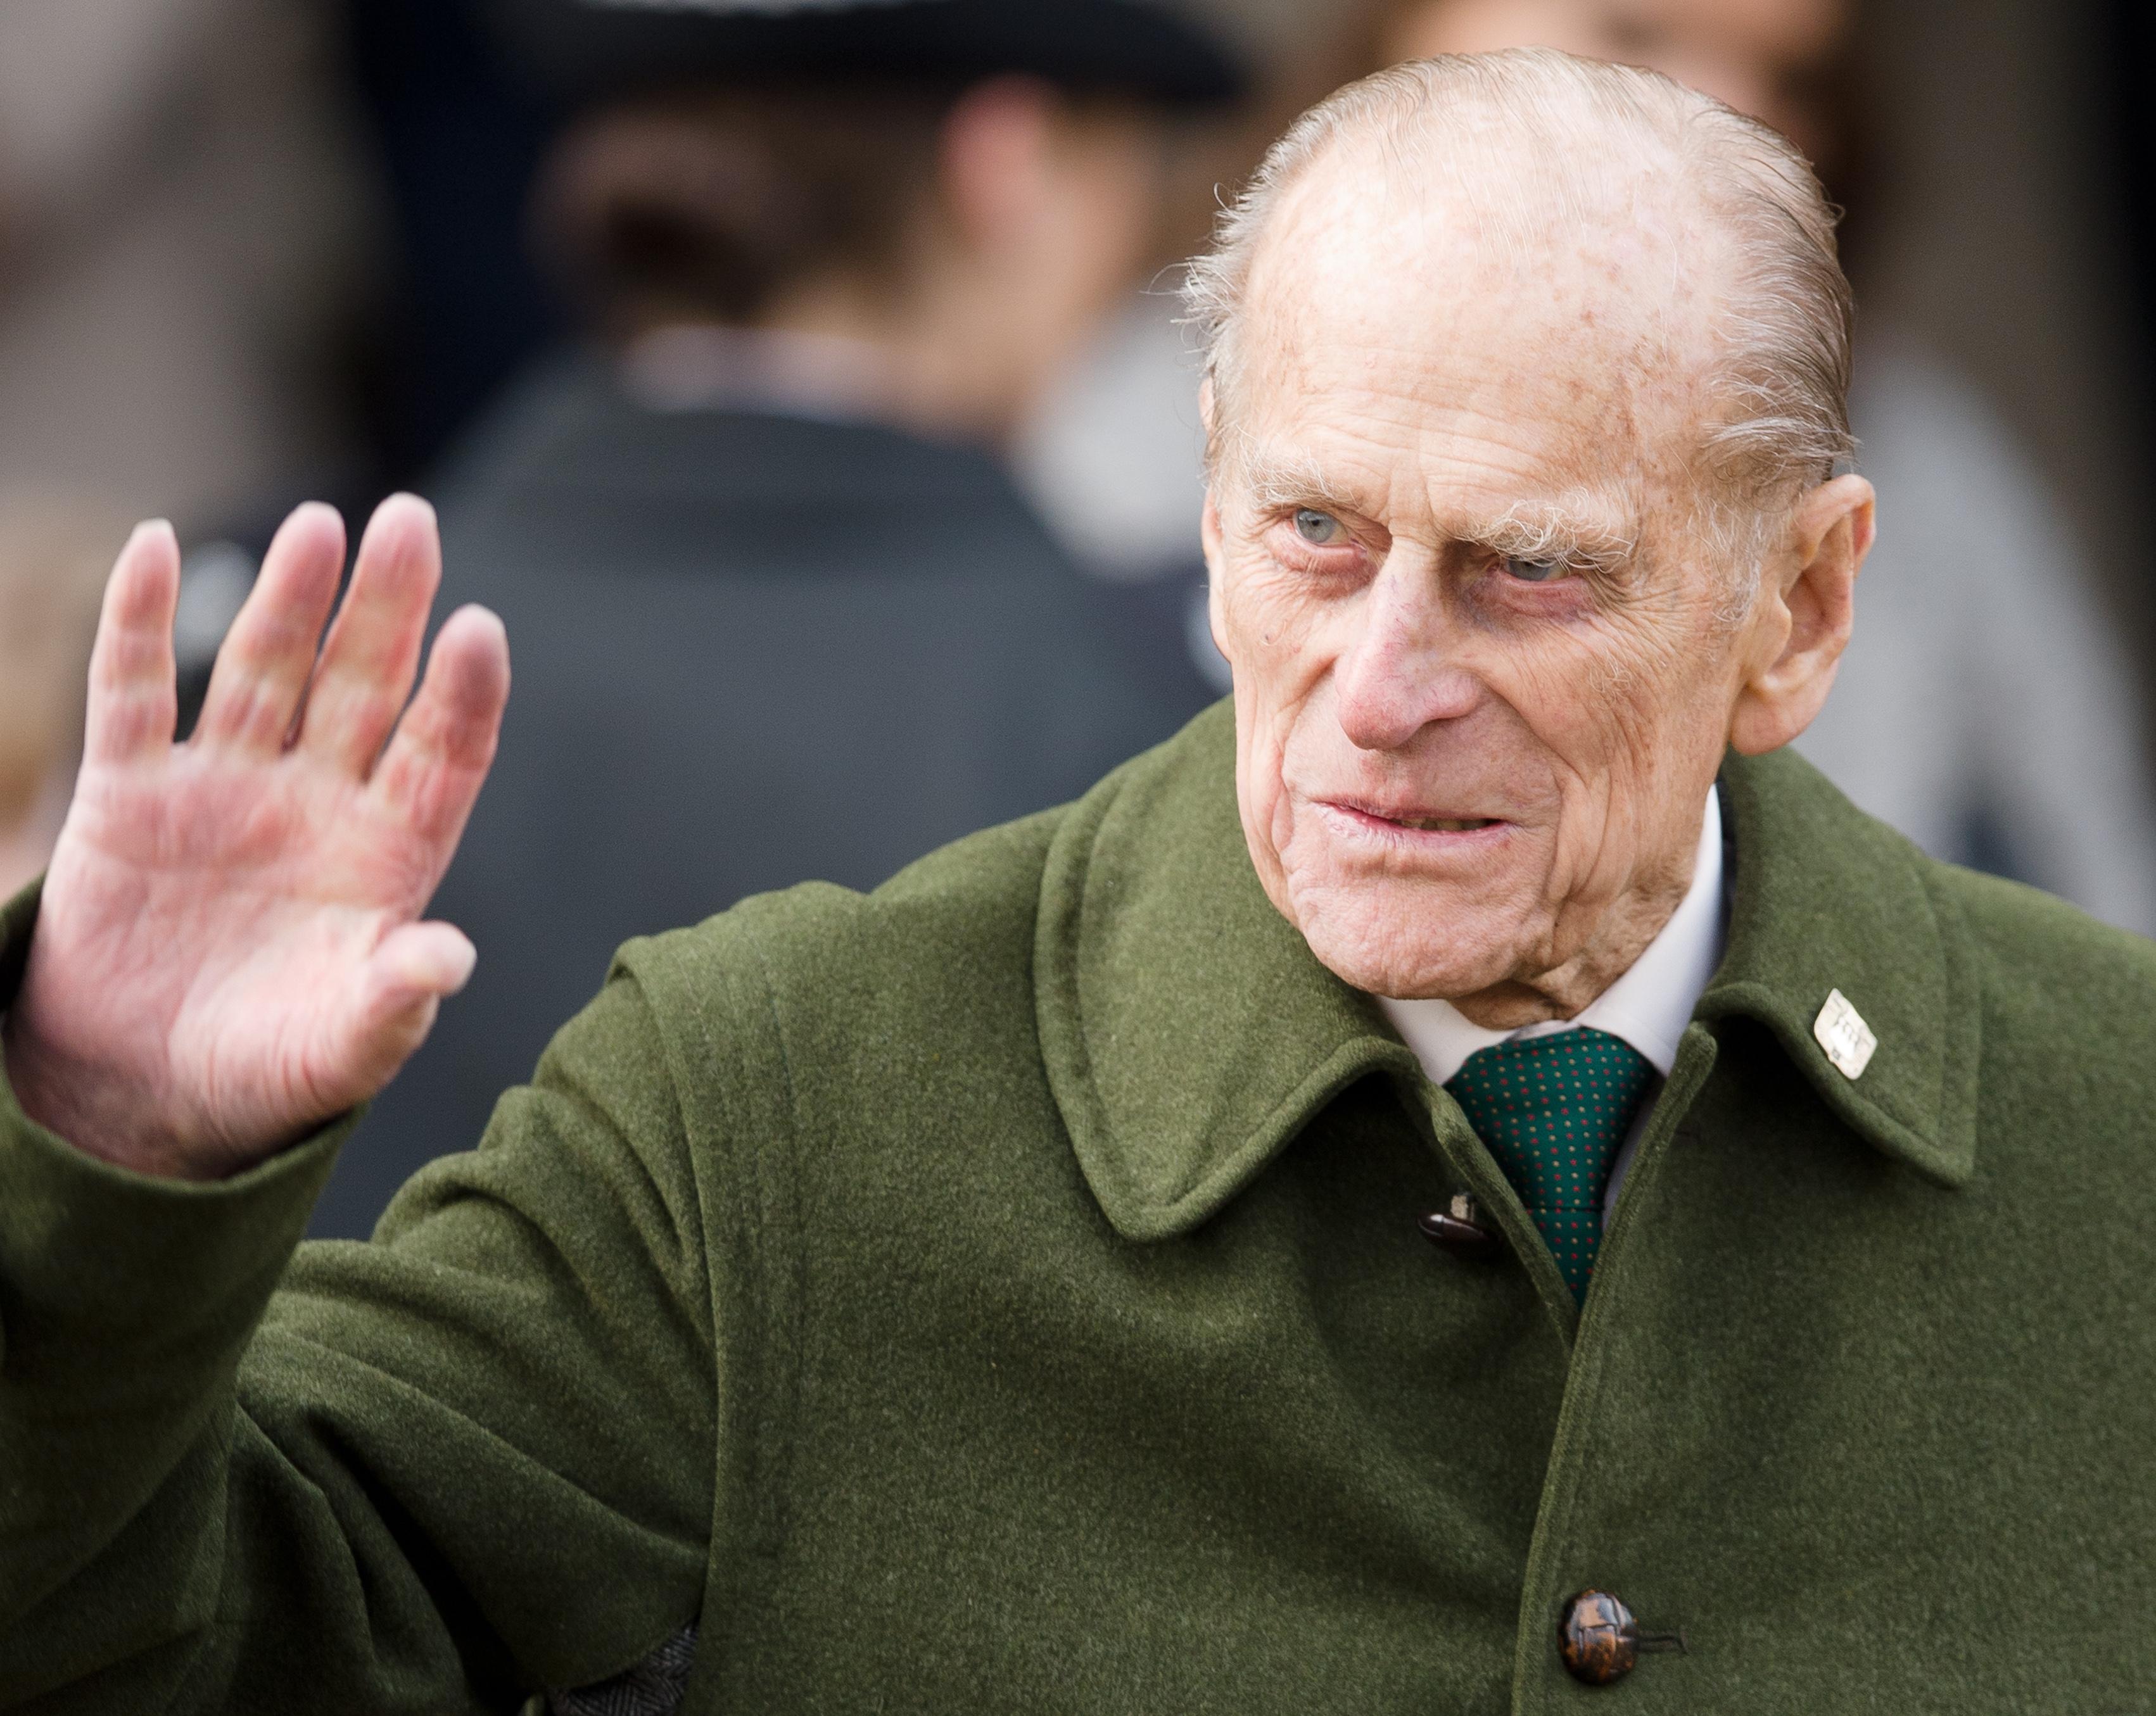 英国菲利普亲王致函 向日前在车祸受伤女子道歉